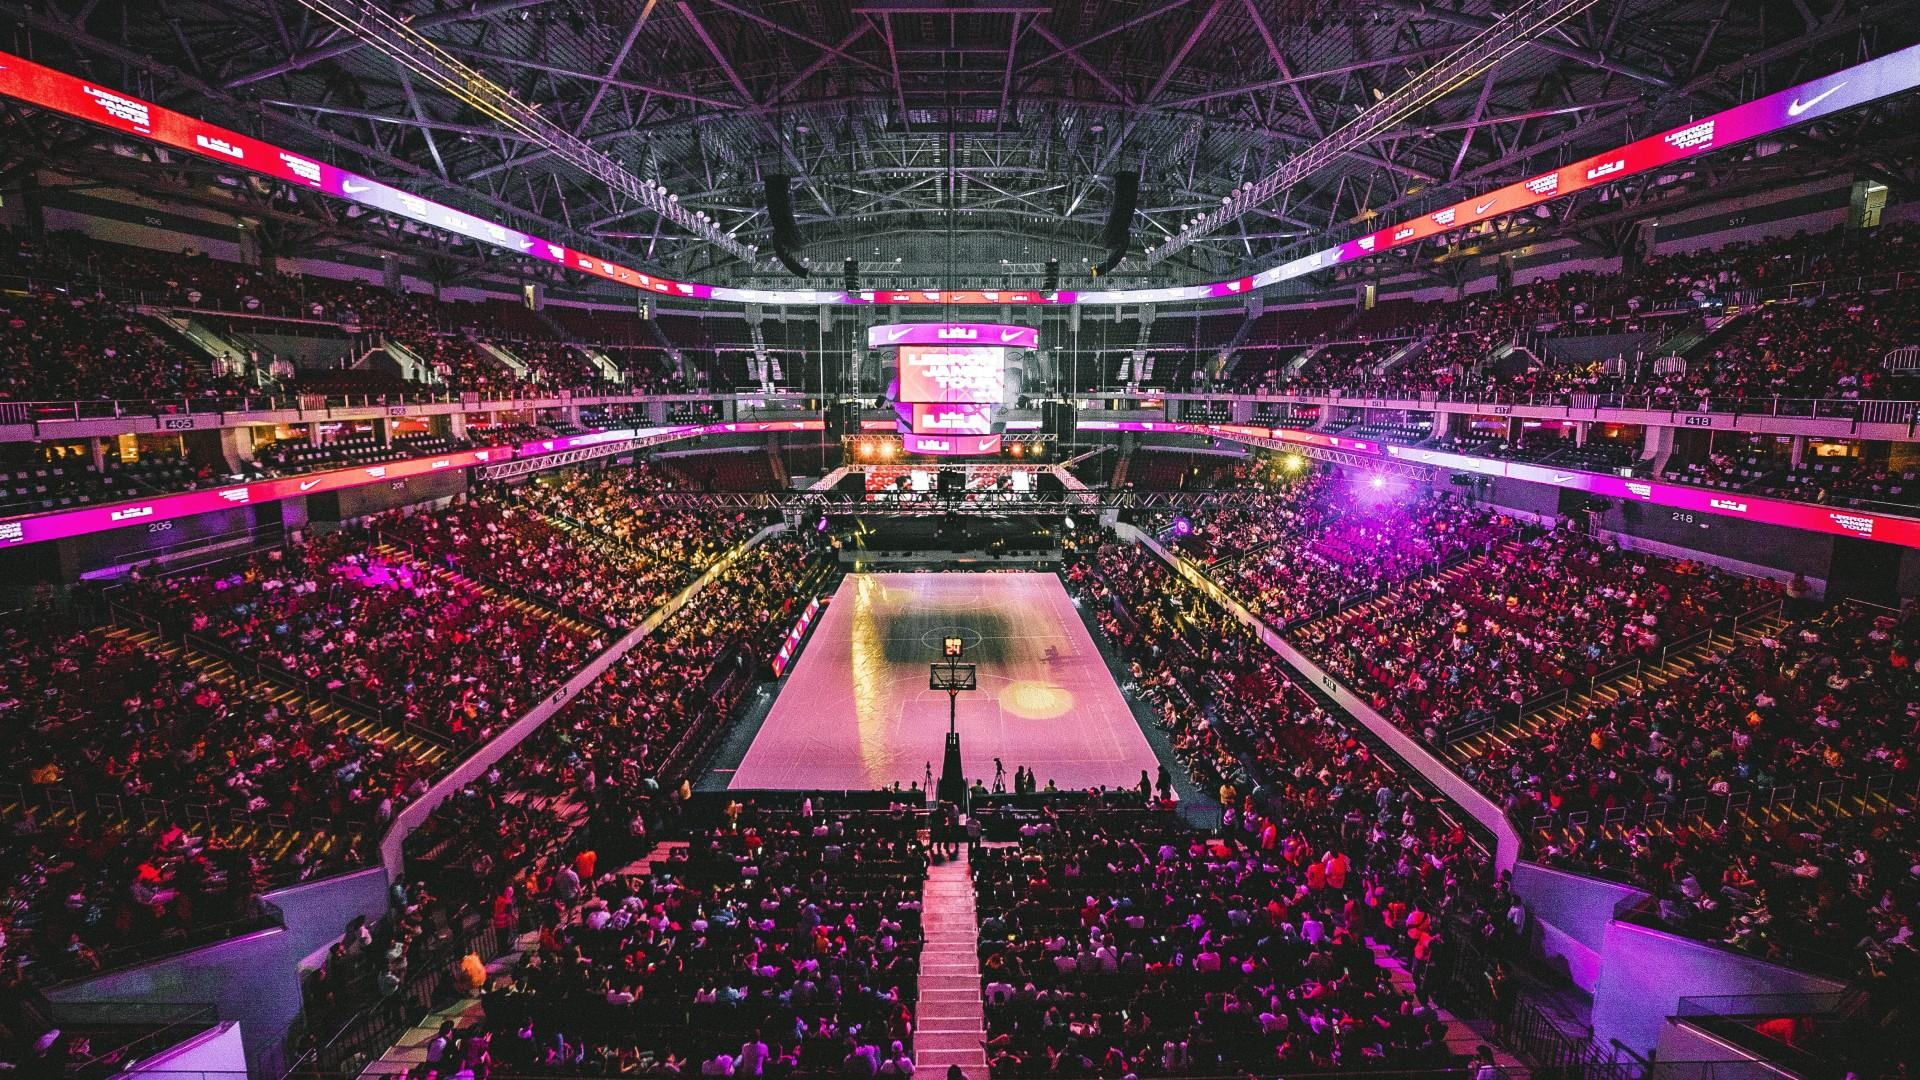 【きょうのスポーツ】3日前のリベンジを果たすチャンス!AKATSUKI FIVEが中国代表と再戦|バスケット